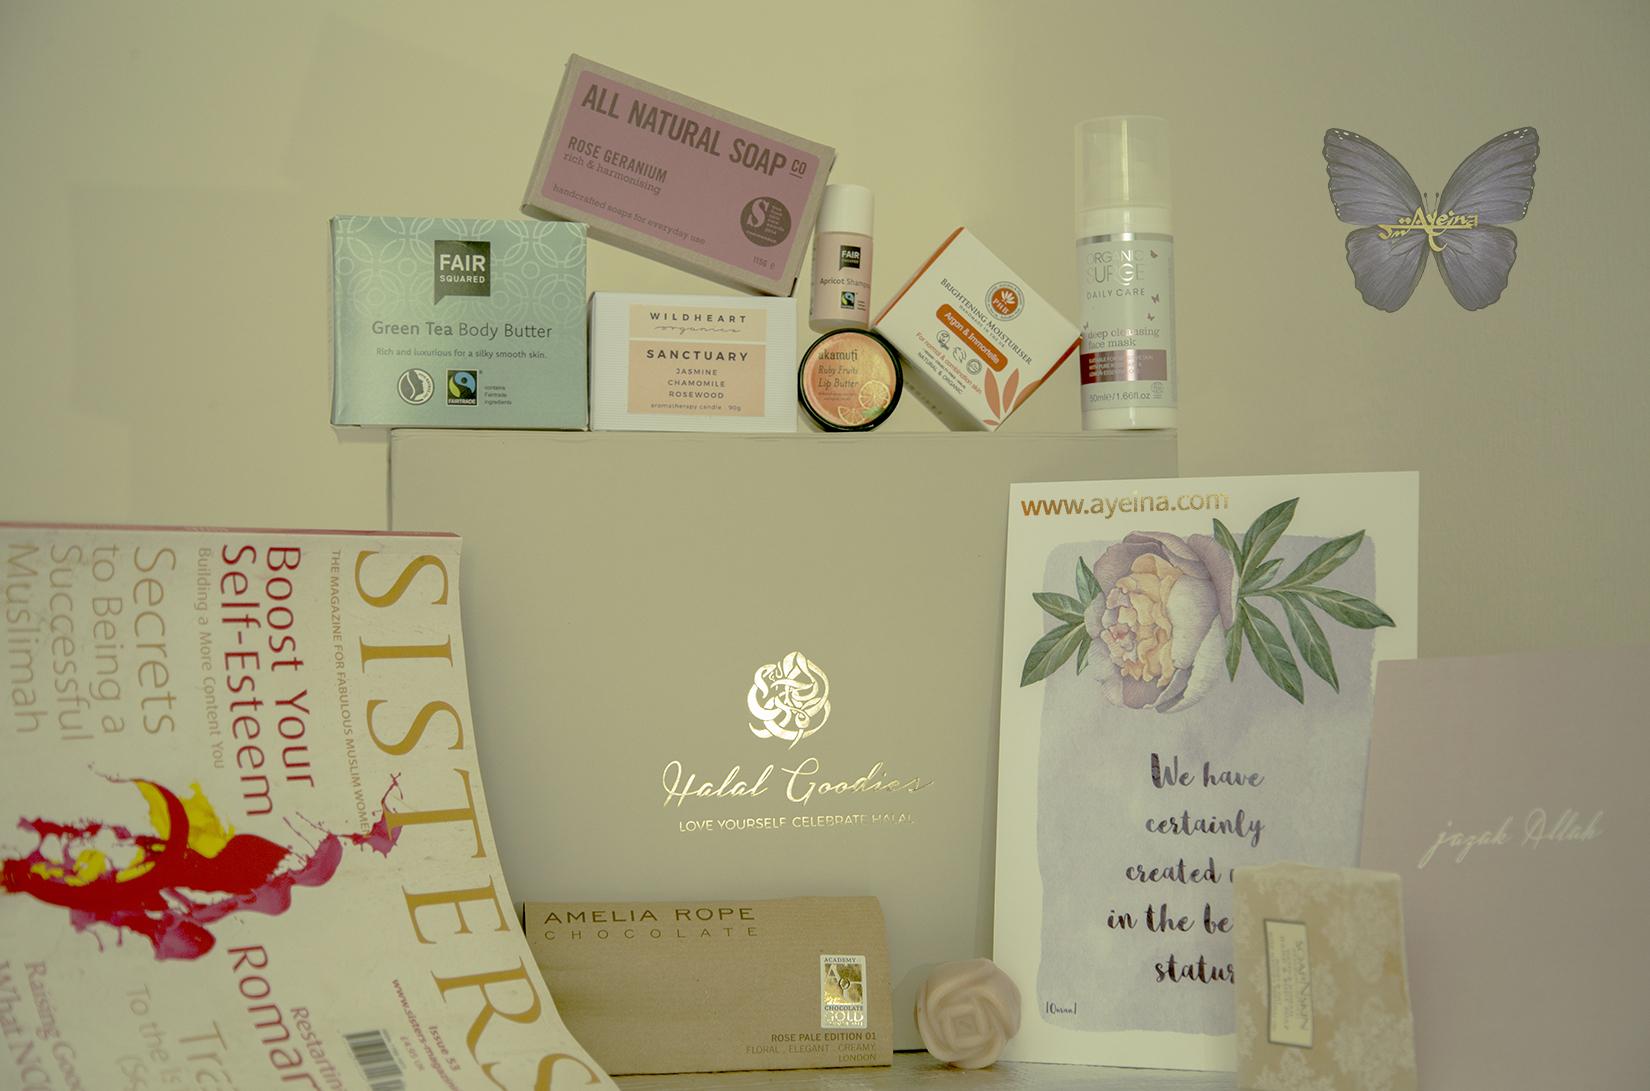 ayeina, samina farooq, muslim women box, art print, organic cream, handmade soap, sisters magazine